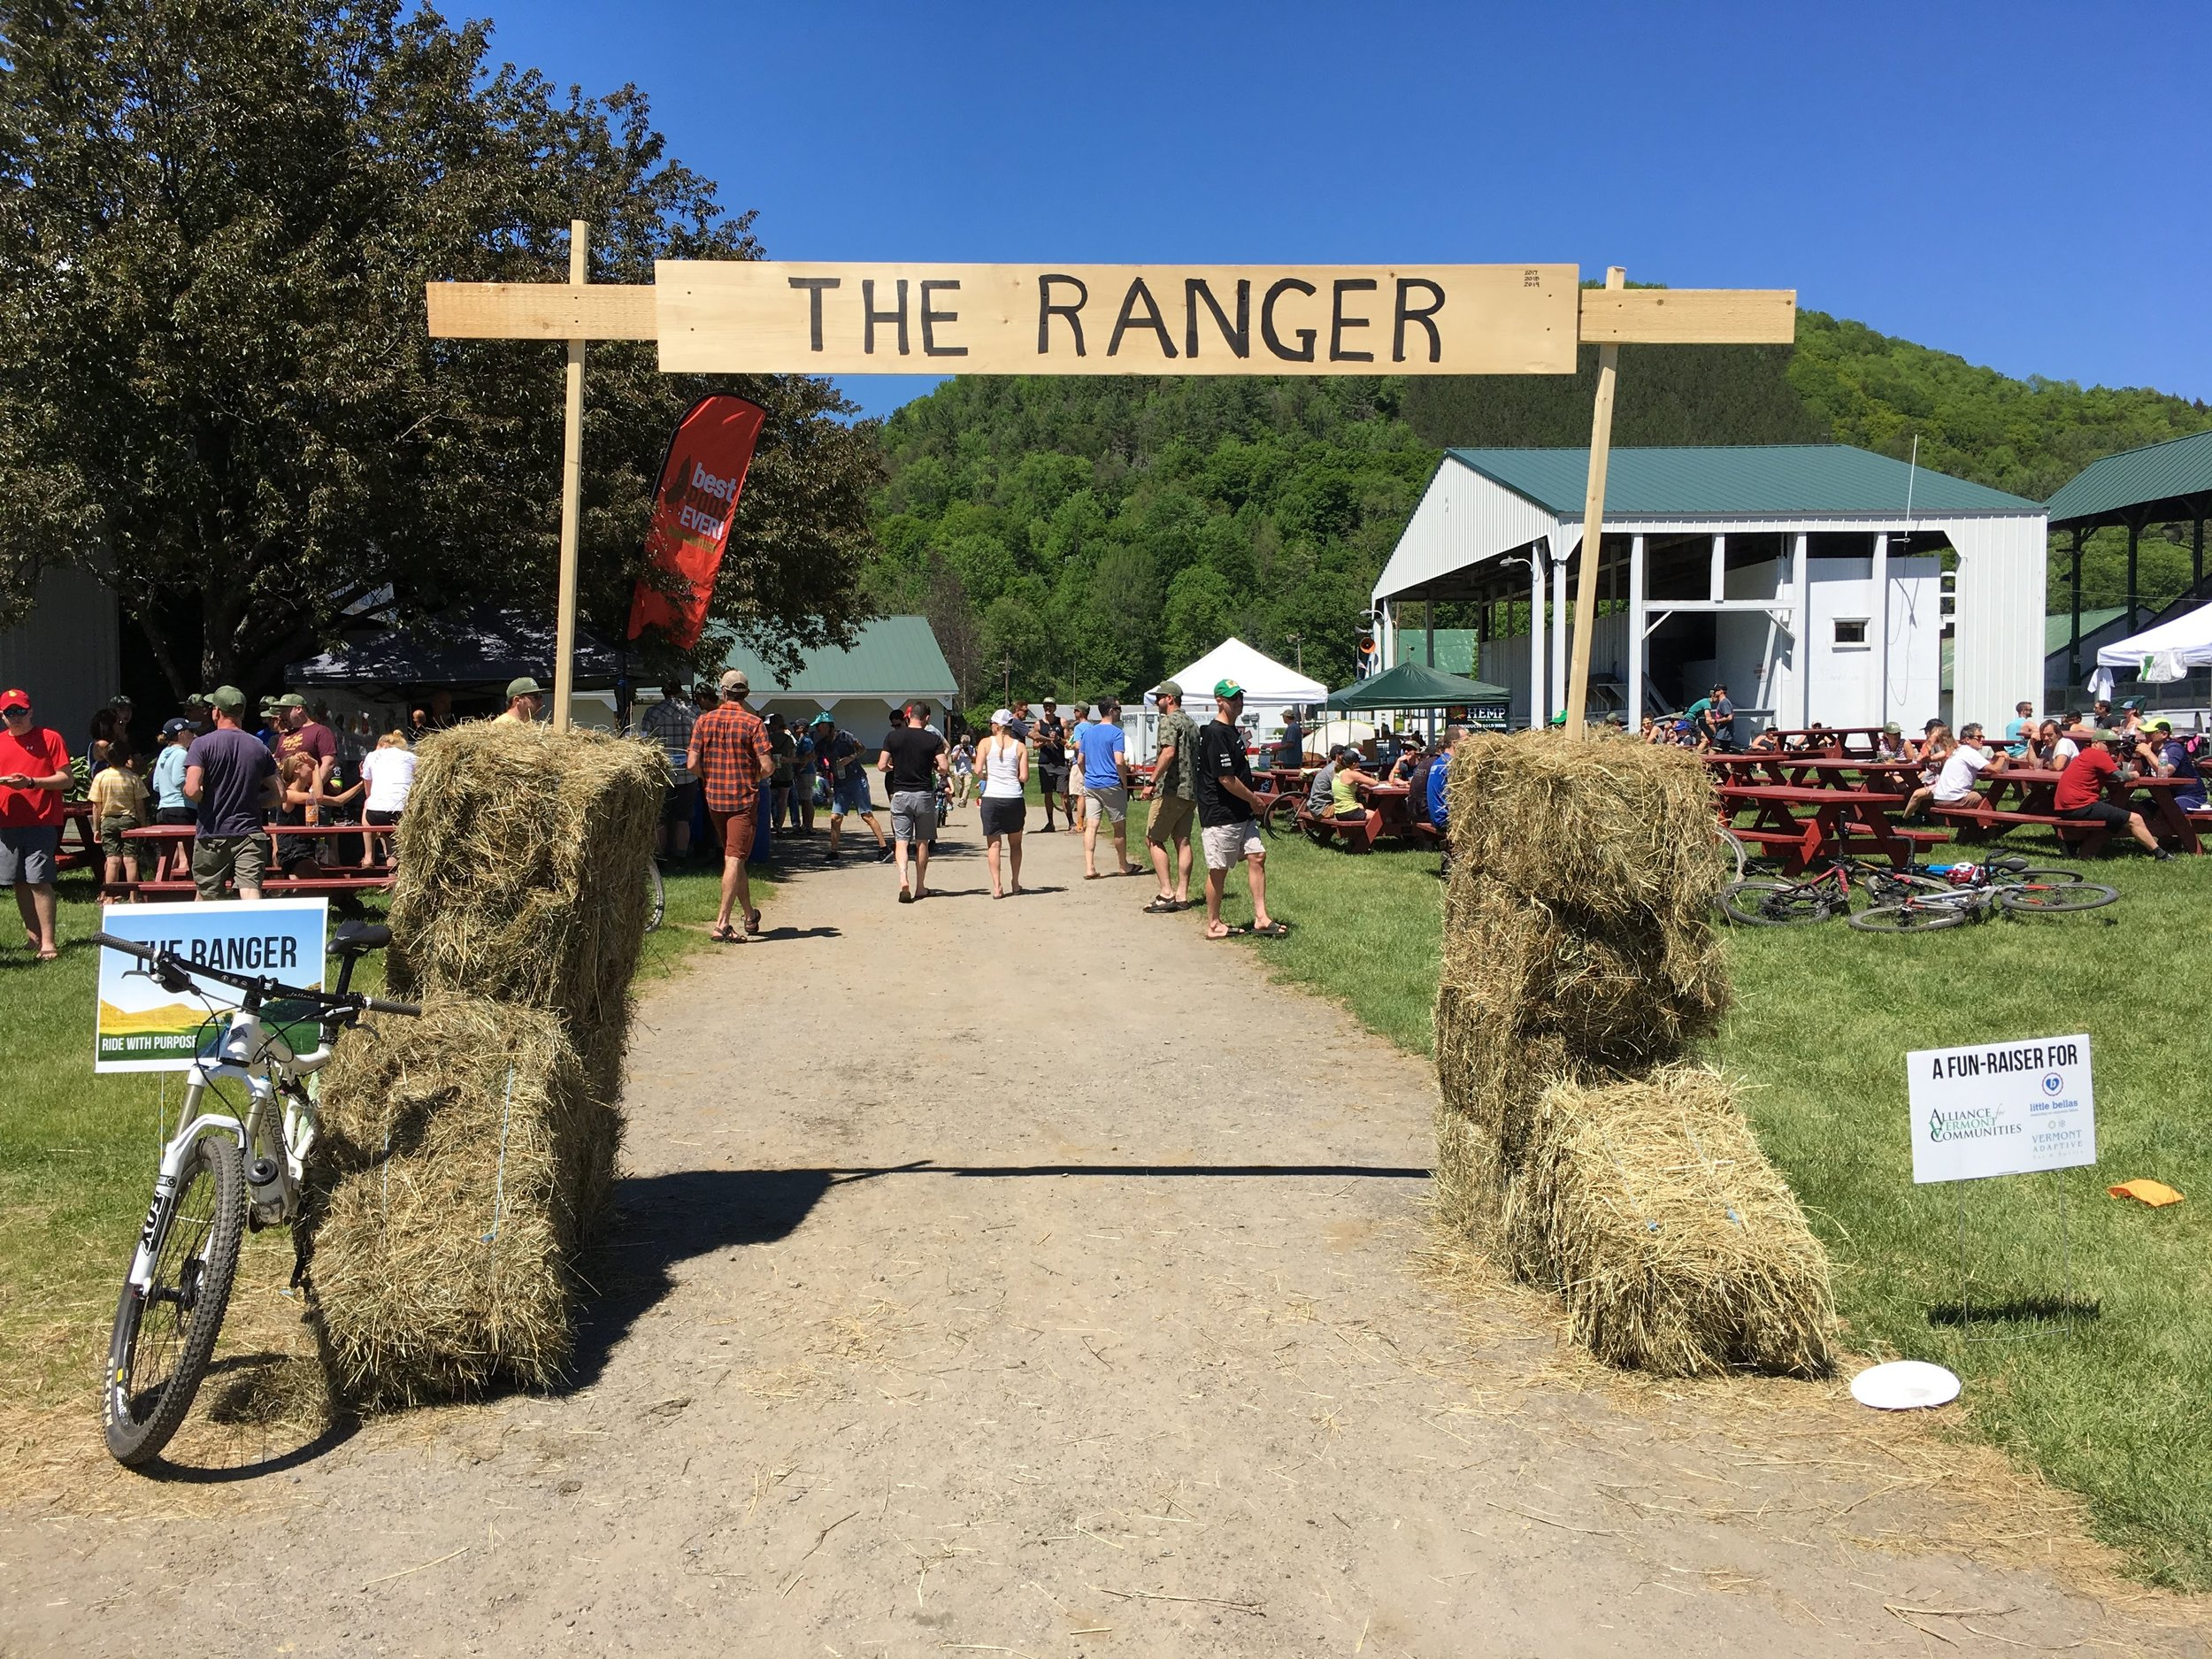 The Ranger VT